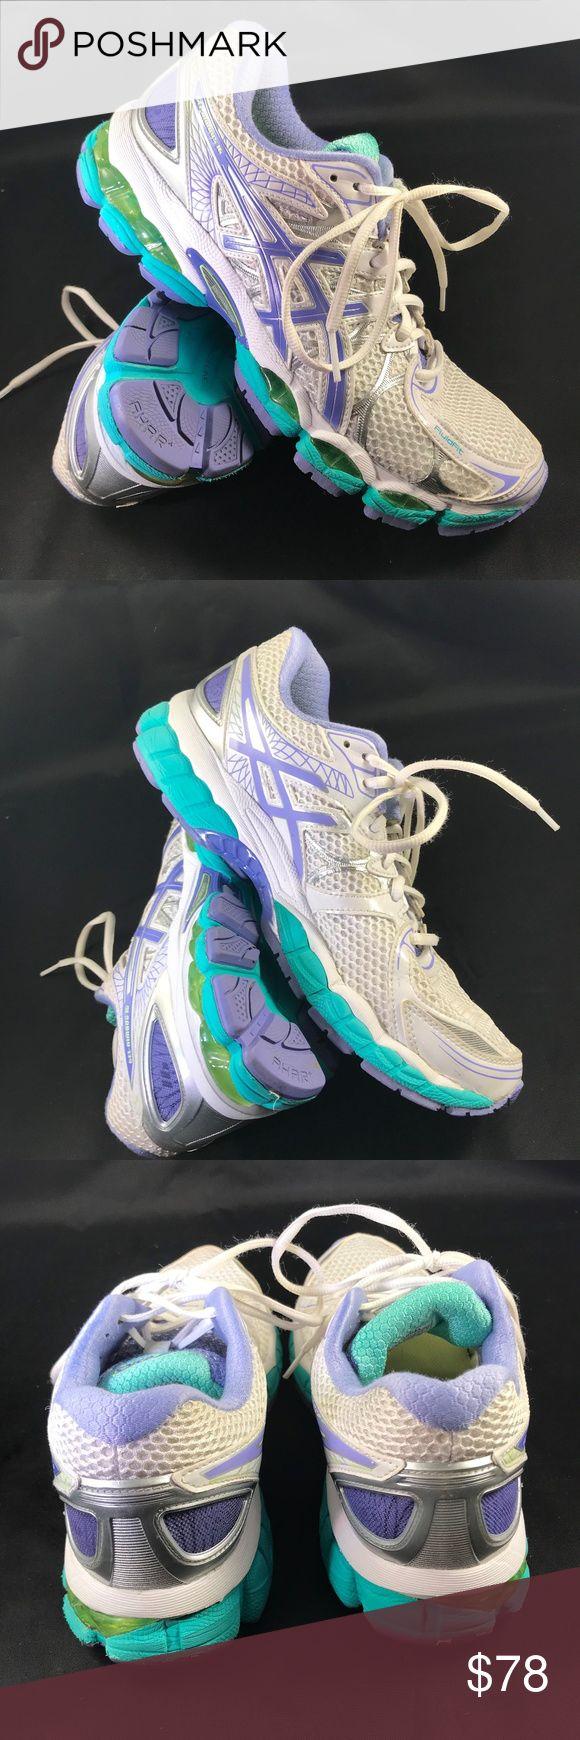 MINT Asics GEL NIMBUS 16 White Size 9.5 41.5 EUR MINT Asics GEL NIMBUS 16 White Size 9.5 41.5 EUR About 25-30 miles on these. ASICS Shoes Athletic Shoes